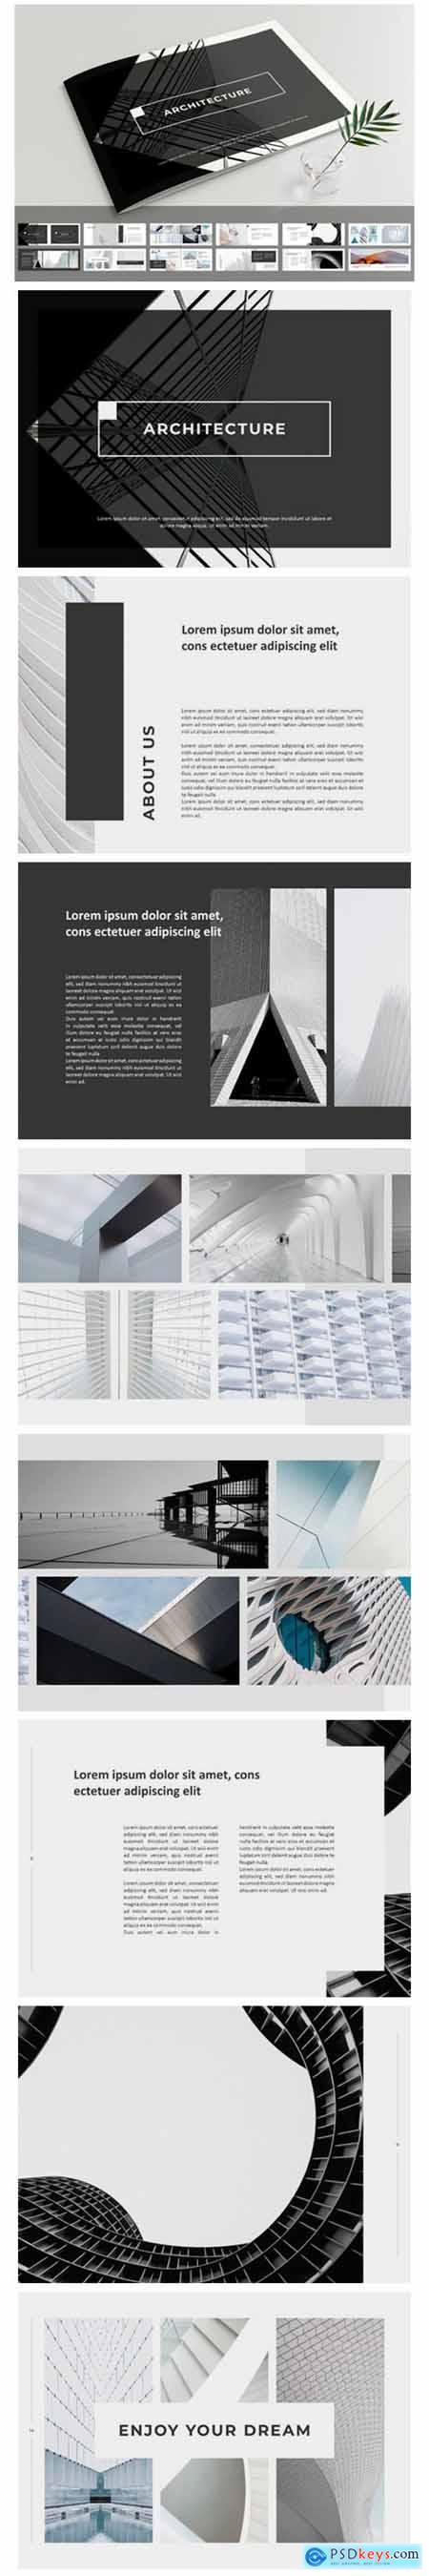 Unique Architecture Brochure Template 8825481